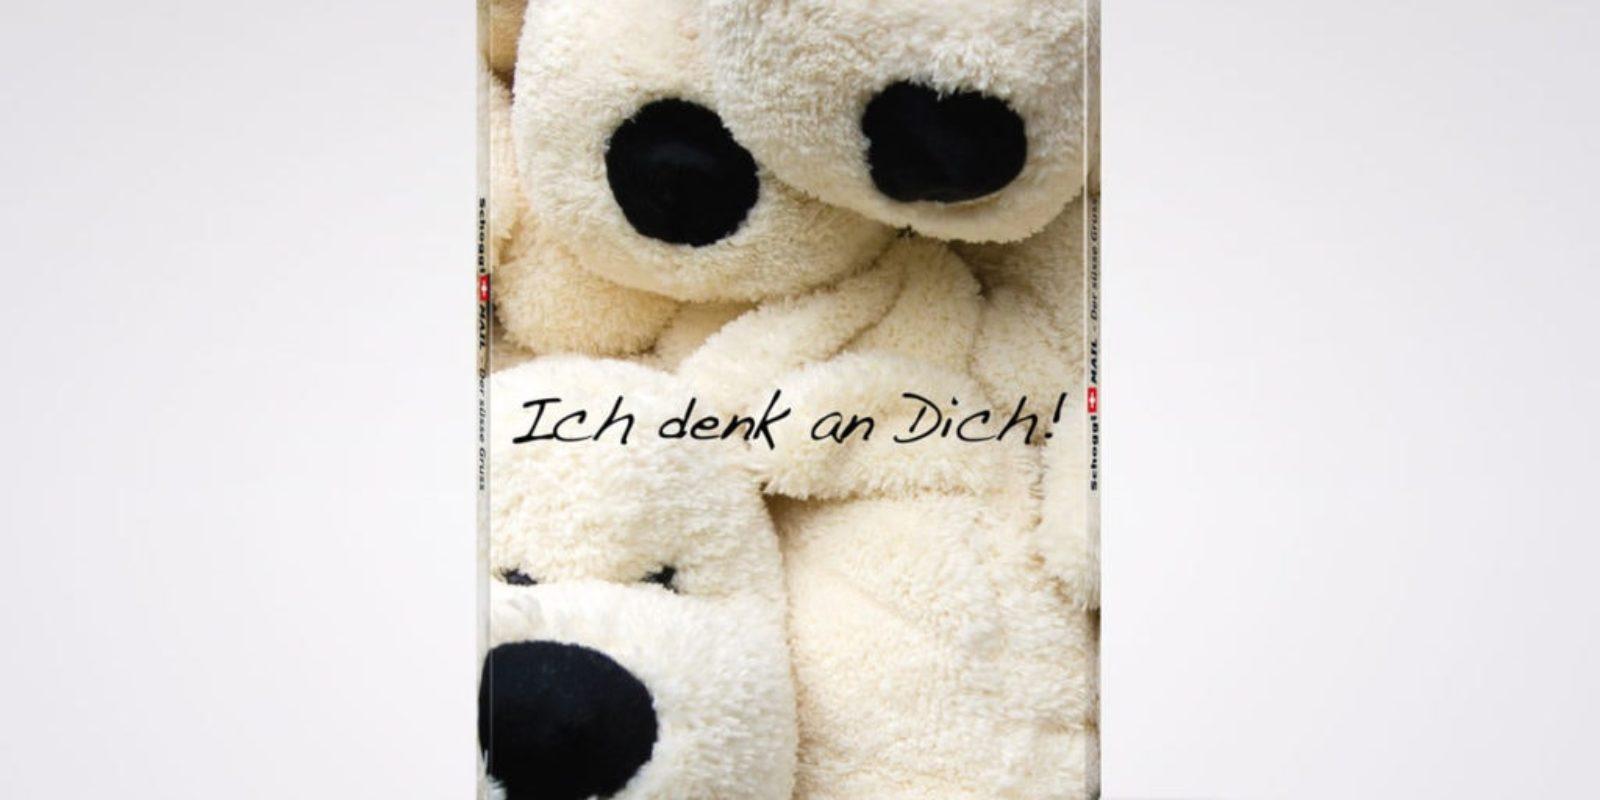 1137829-Denk-an-dich-hund-front